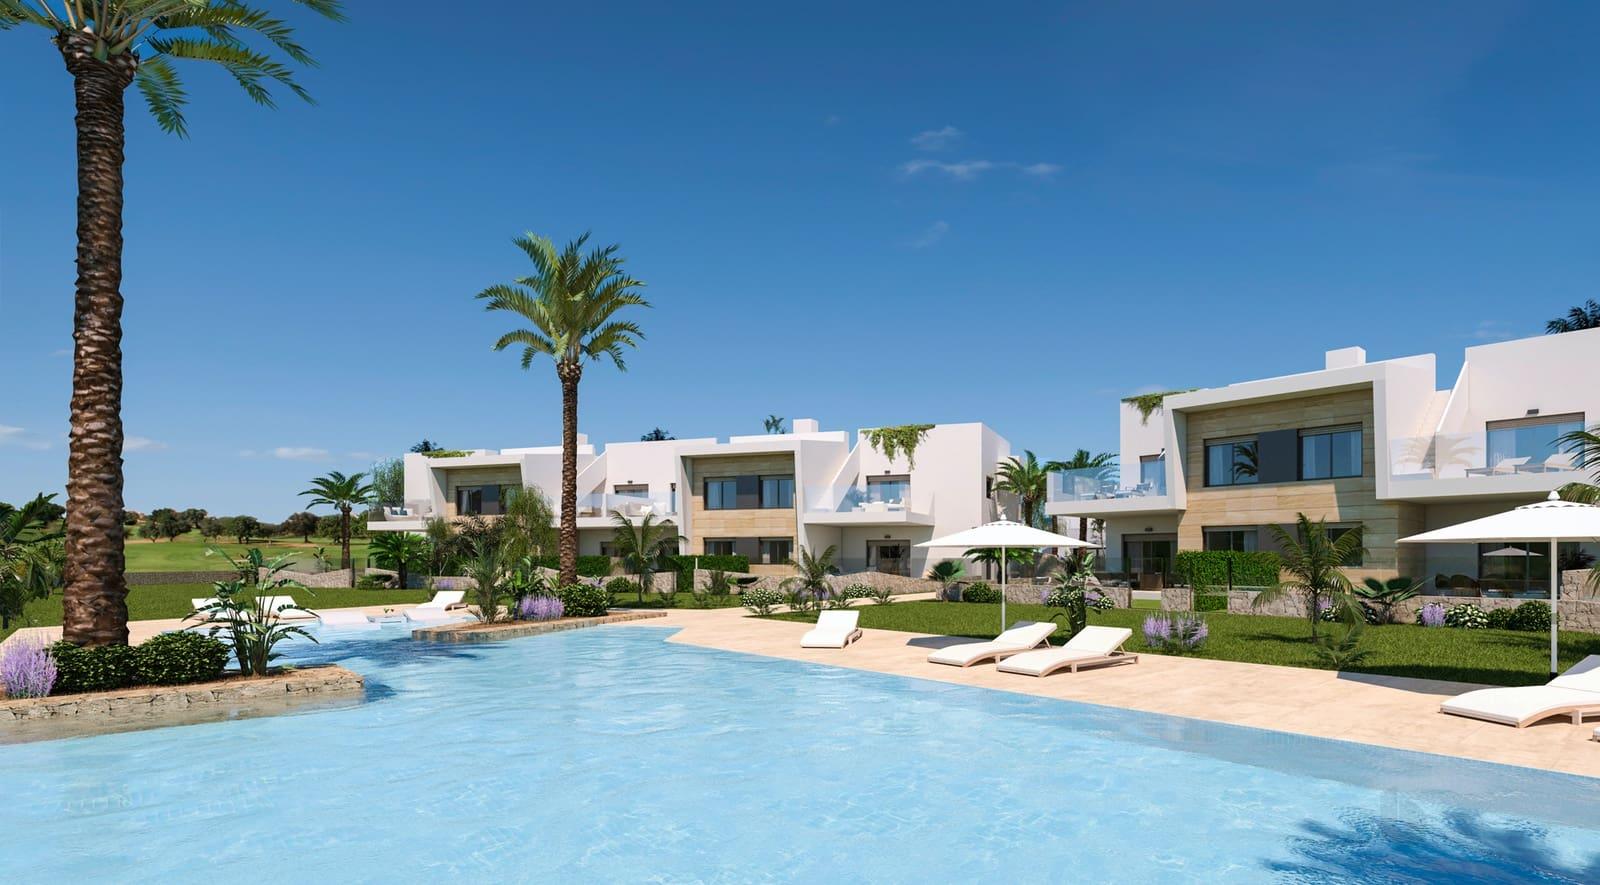 Apartamento de 2 habitaciones en Pilar de la Horadada en venta con garaje - 159.900 € (Ref: 5081949)